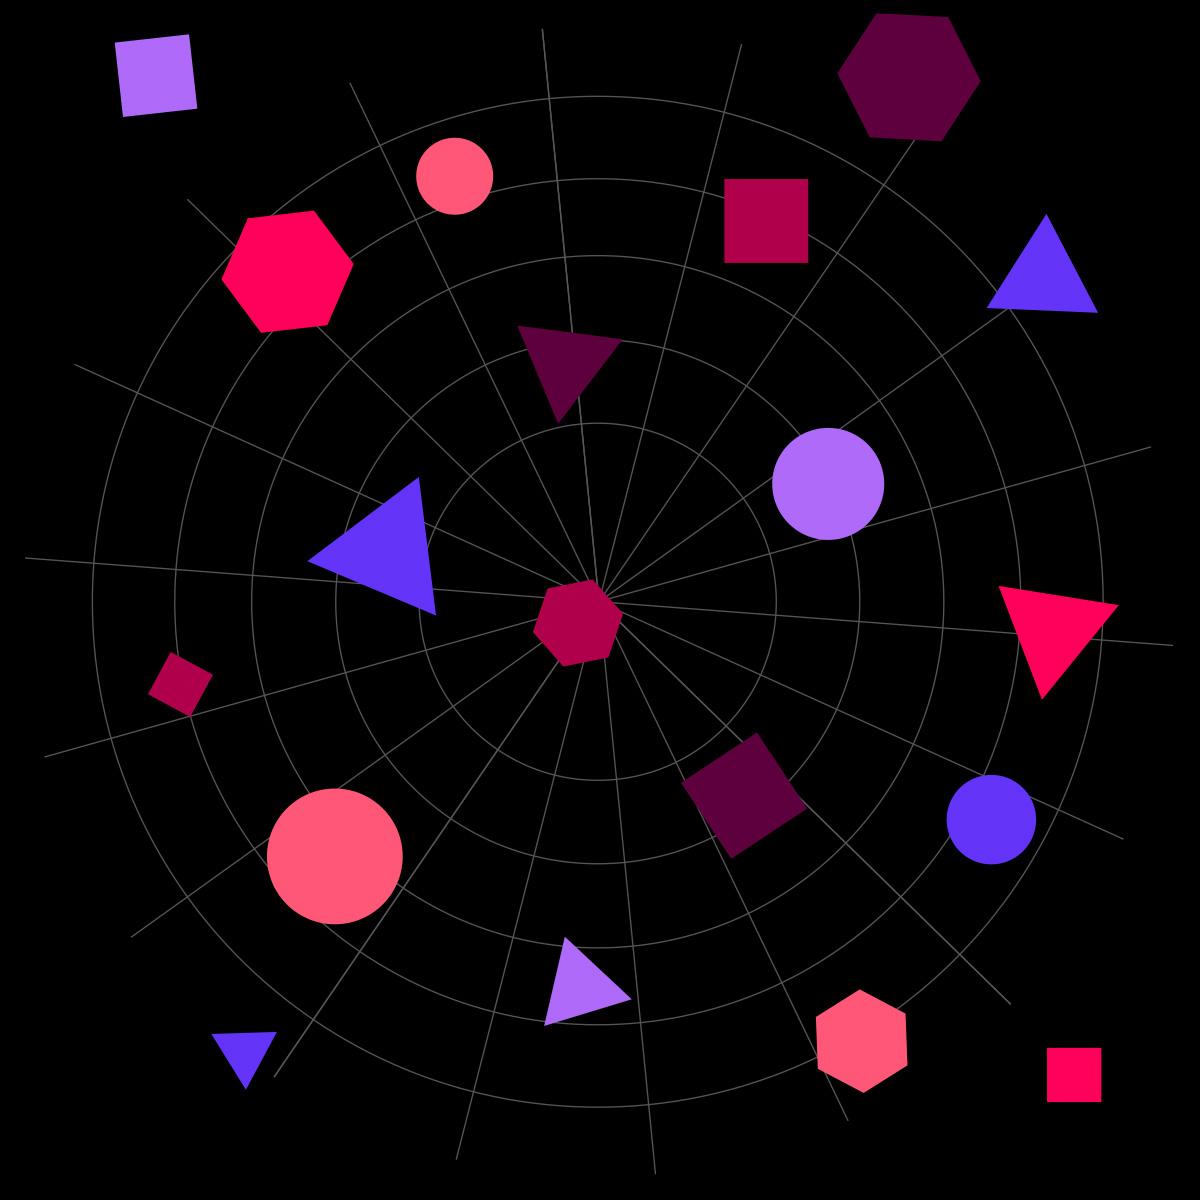 https://www.einstein-online.info/wp-content/uploads/Vertiefungsthemen_Relativitaet_und_Quanten_1_Hintergrundunabhängigkeit_und_Quantengravitation_©_Daniela_Leitner_Markus_Poessel_Einstein-Online-1.jpg